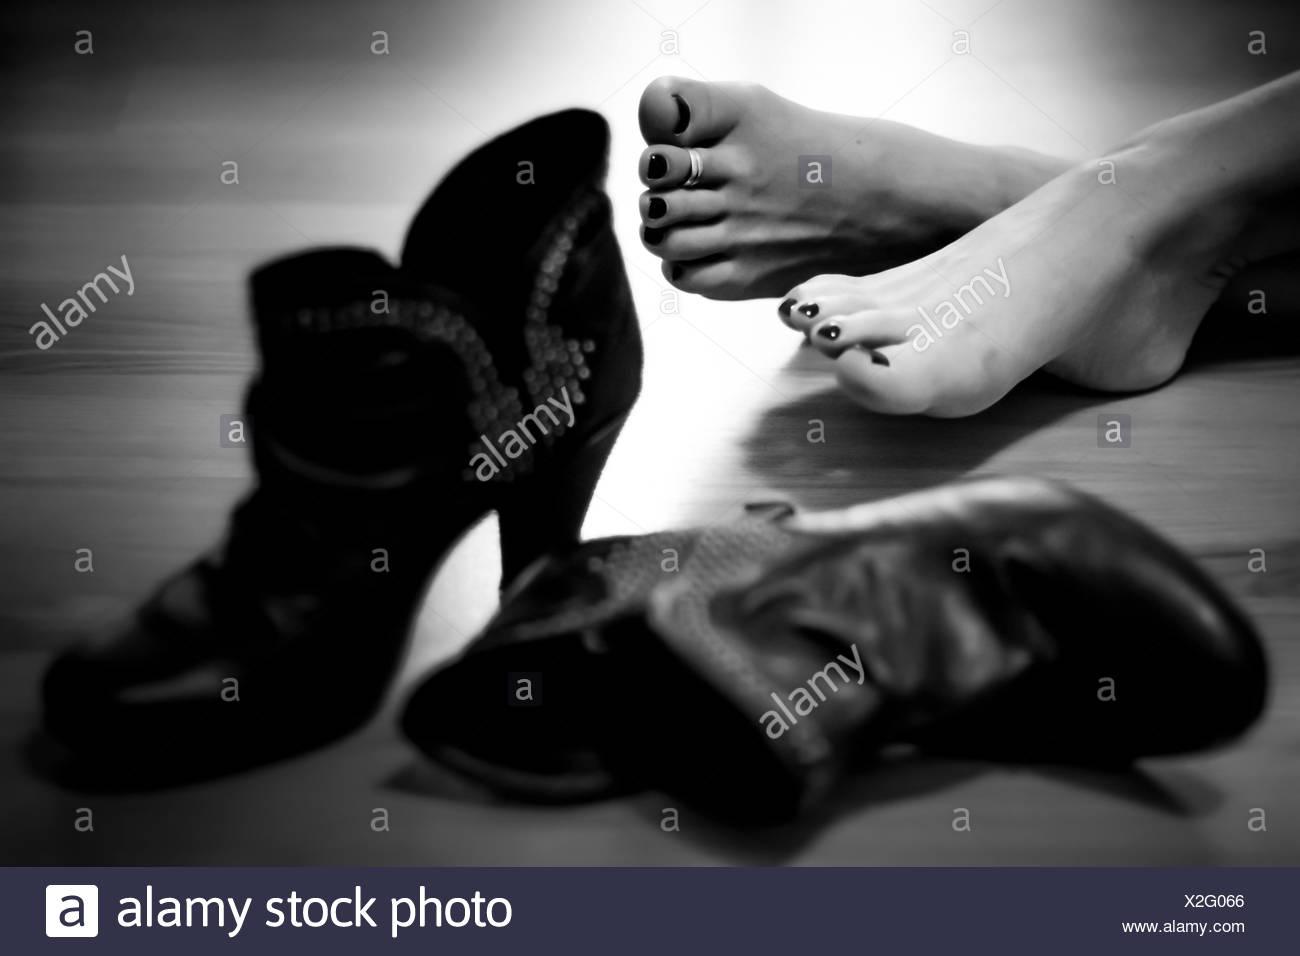 USA, Louisiane, Nouvelle-Orléans, New Orleans Parish, pieds nus et chaussures Photo Stock